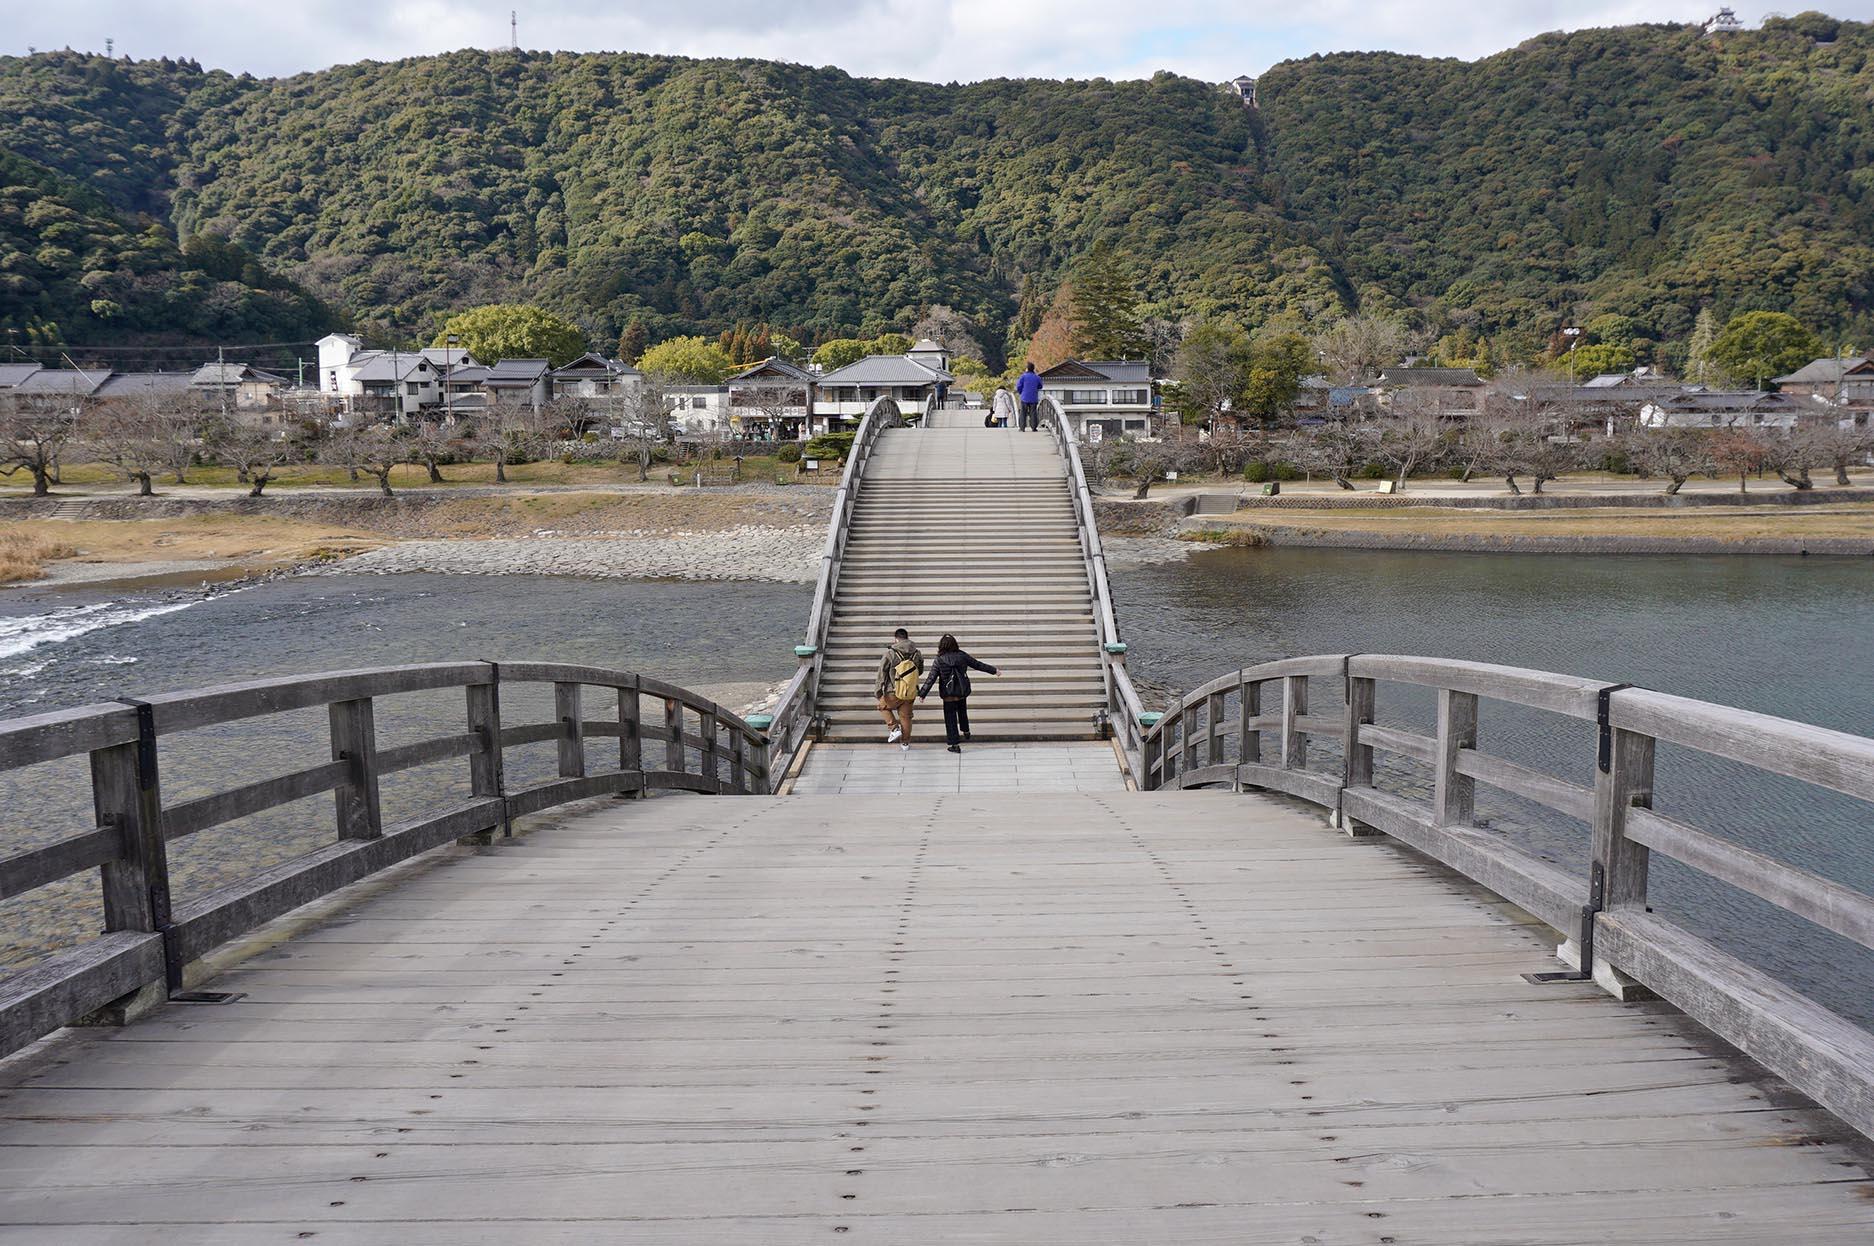 錦帯橋の橋の上